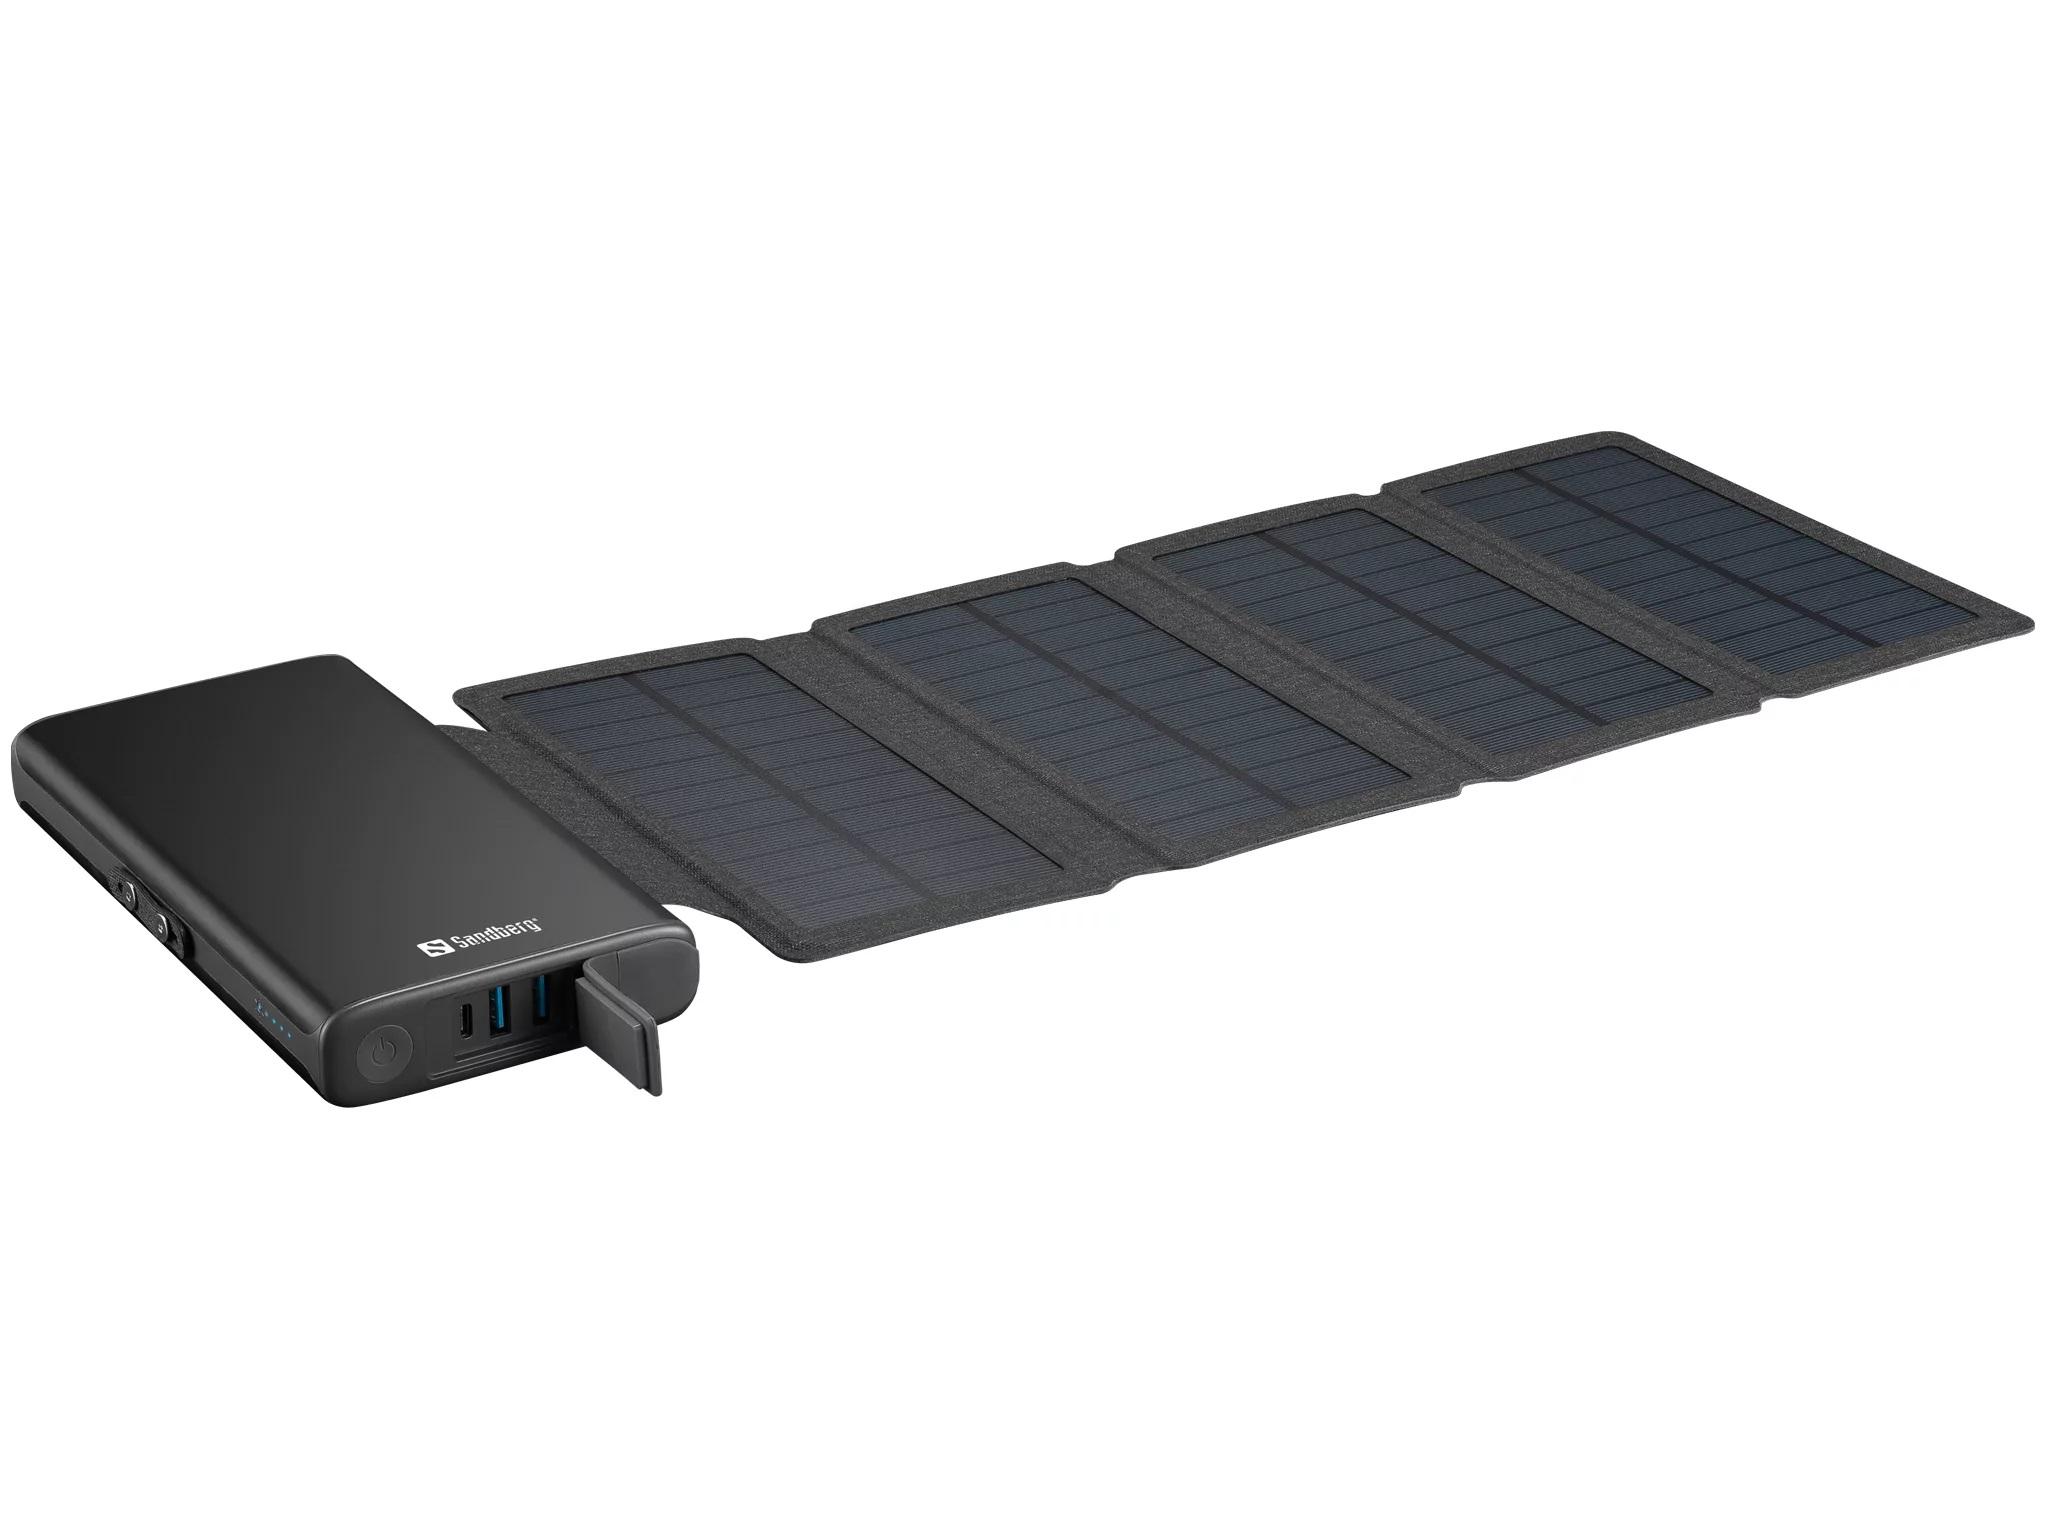 Sandberg Solar 4-Panel Powerbank 25000 mAh, solární nabíječka, černá - 420-56